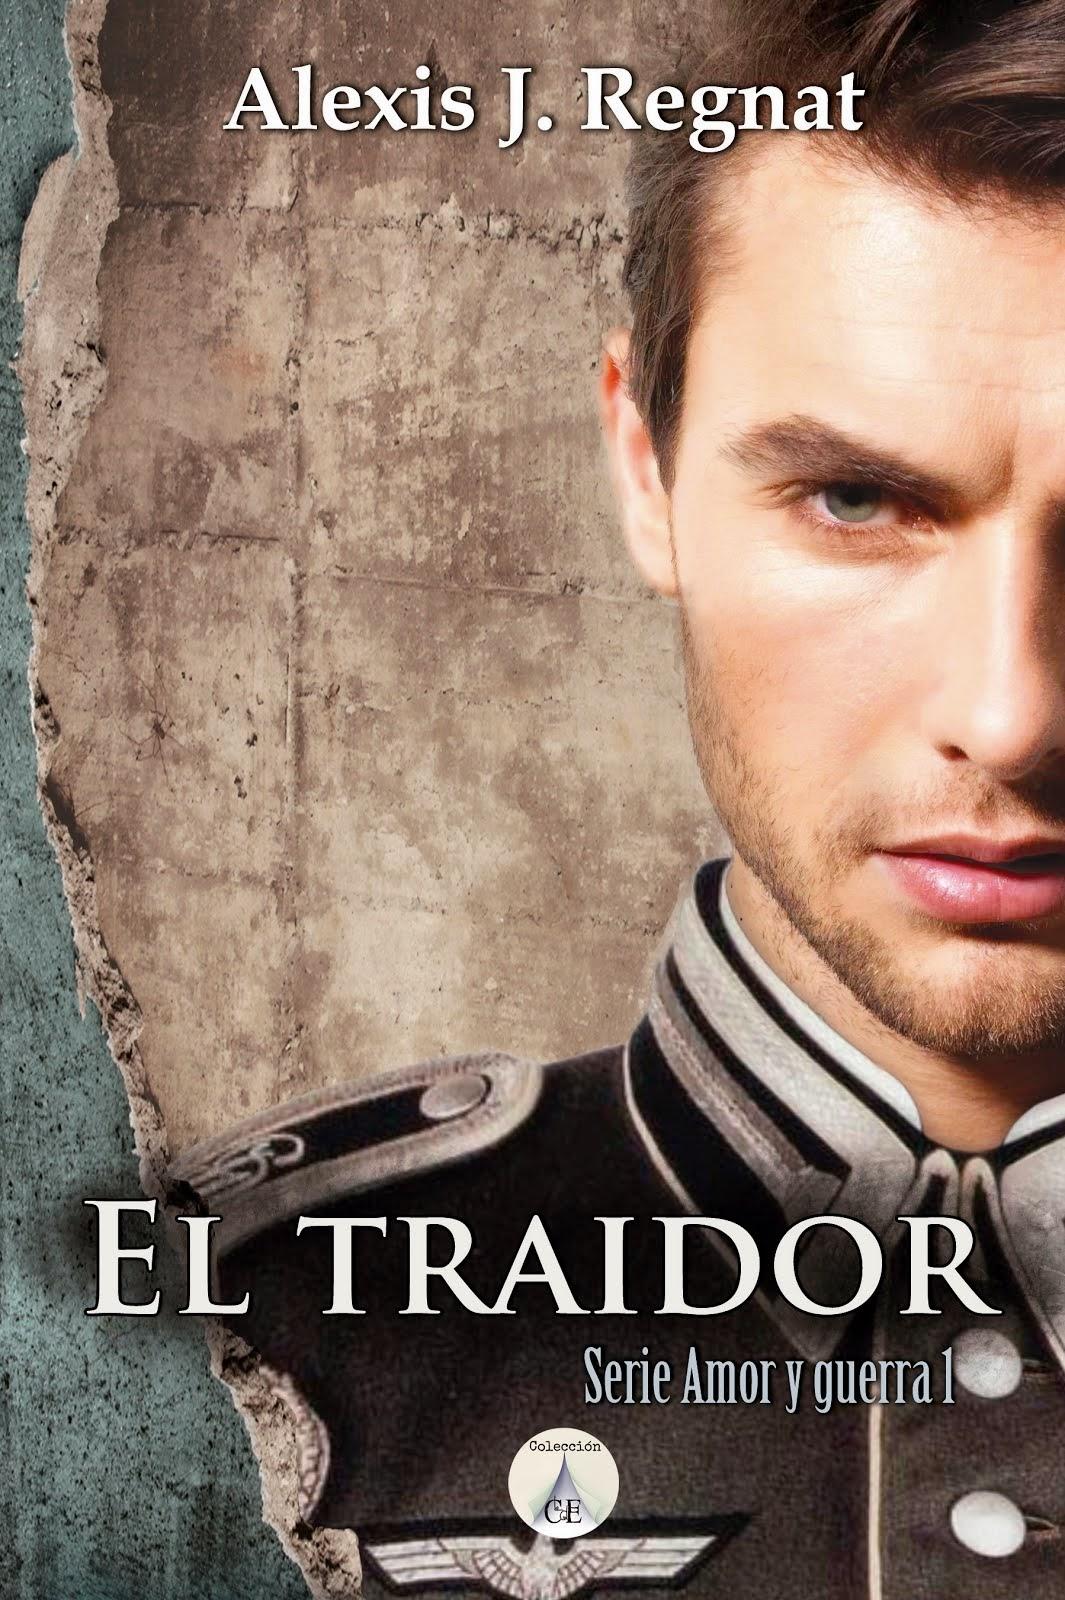 EL TRAIDOR,Serie amor y guerra Vol.1